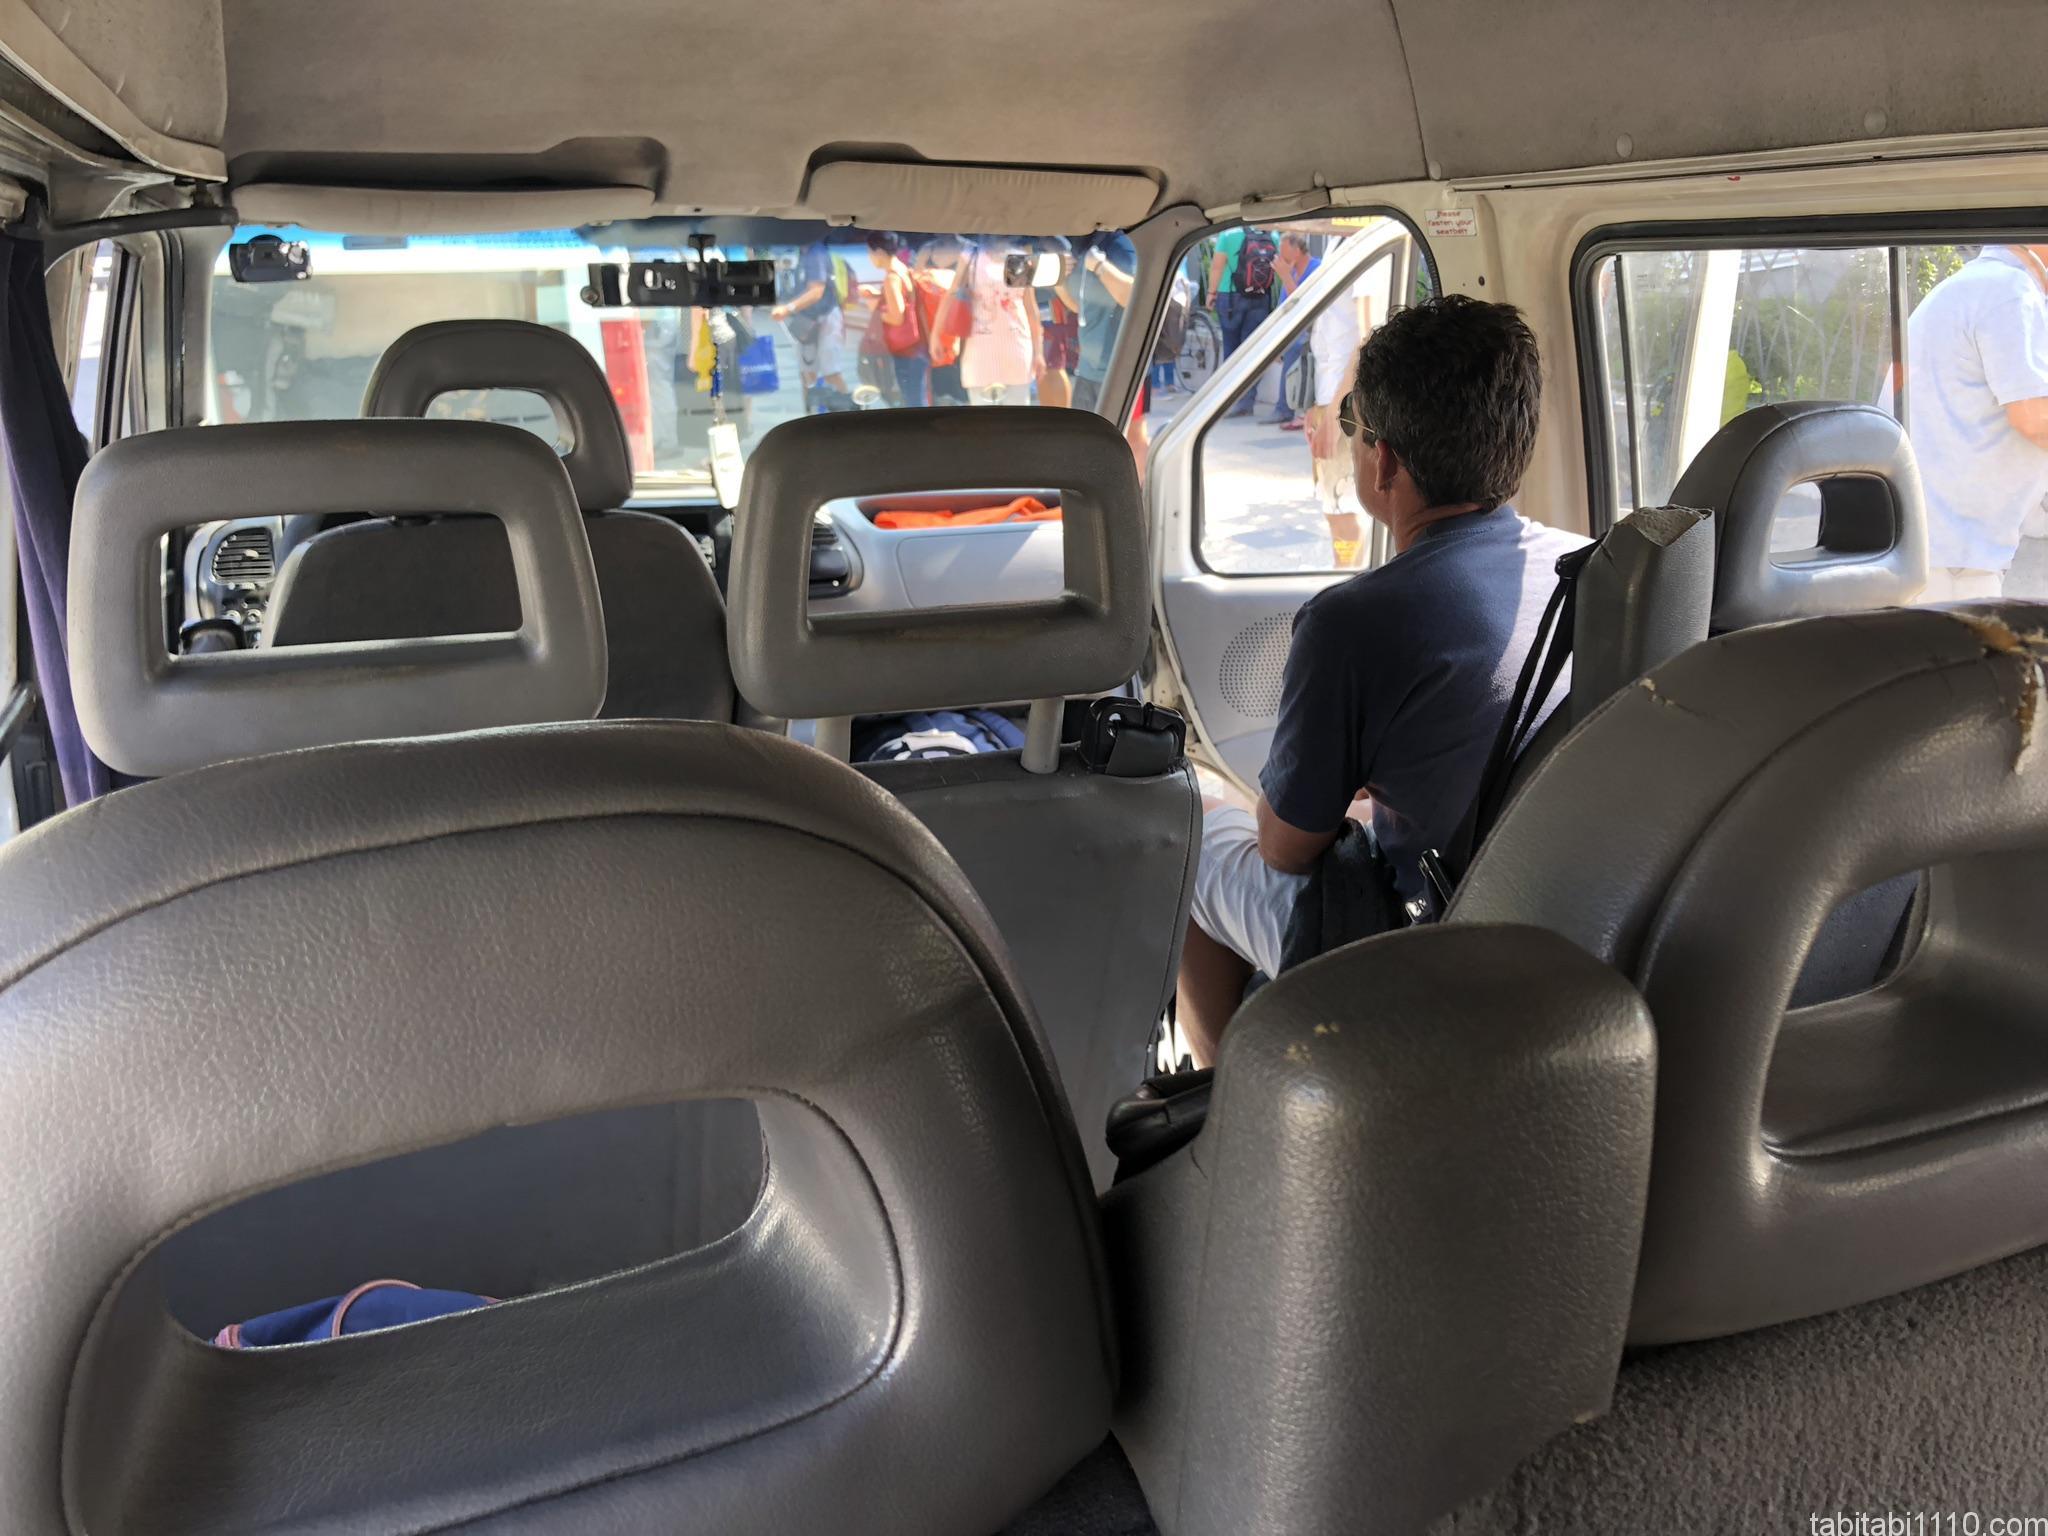 シュコドラからミロト|バン車内